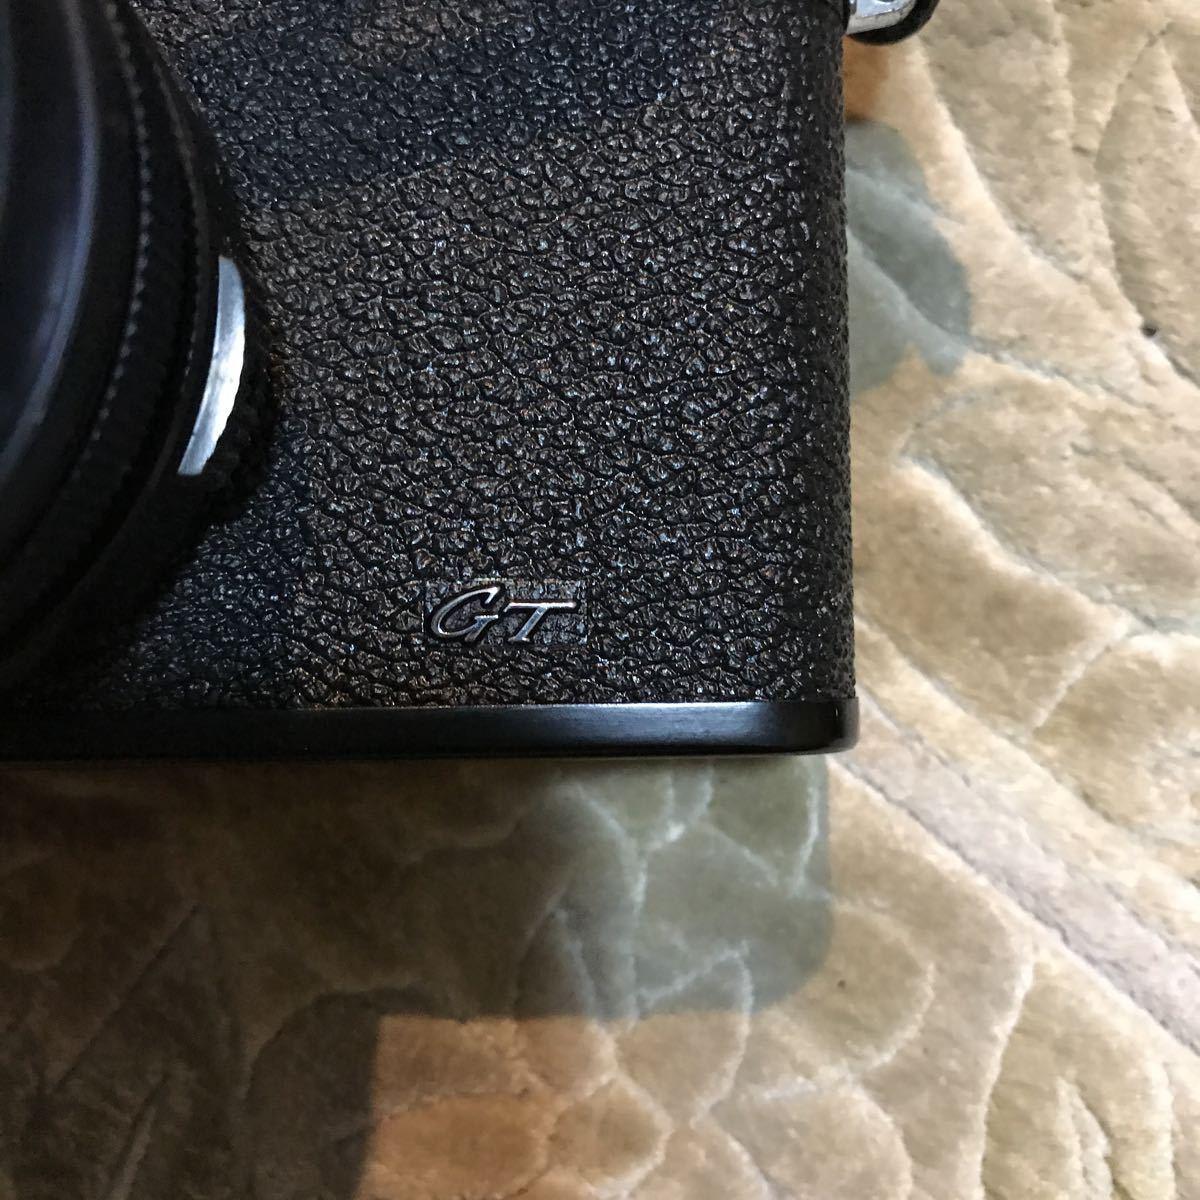 Yashica Electro 35 GT ブラック ヤシカ エレクトロ 35 レンジファインダー 一眼レフ フィルムカメラ_画像9